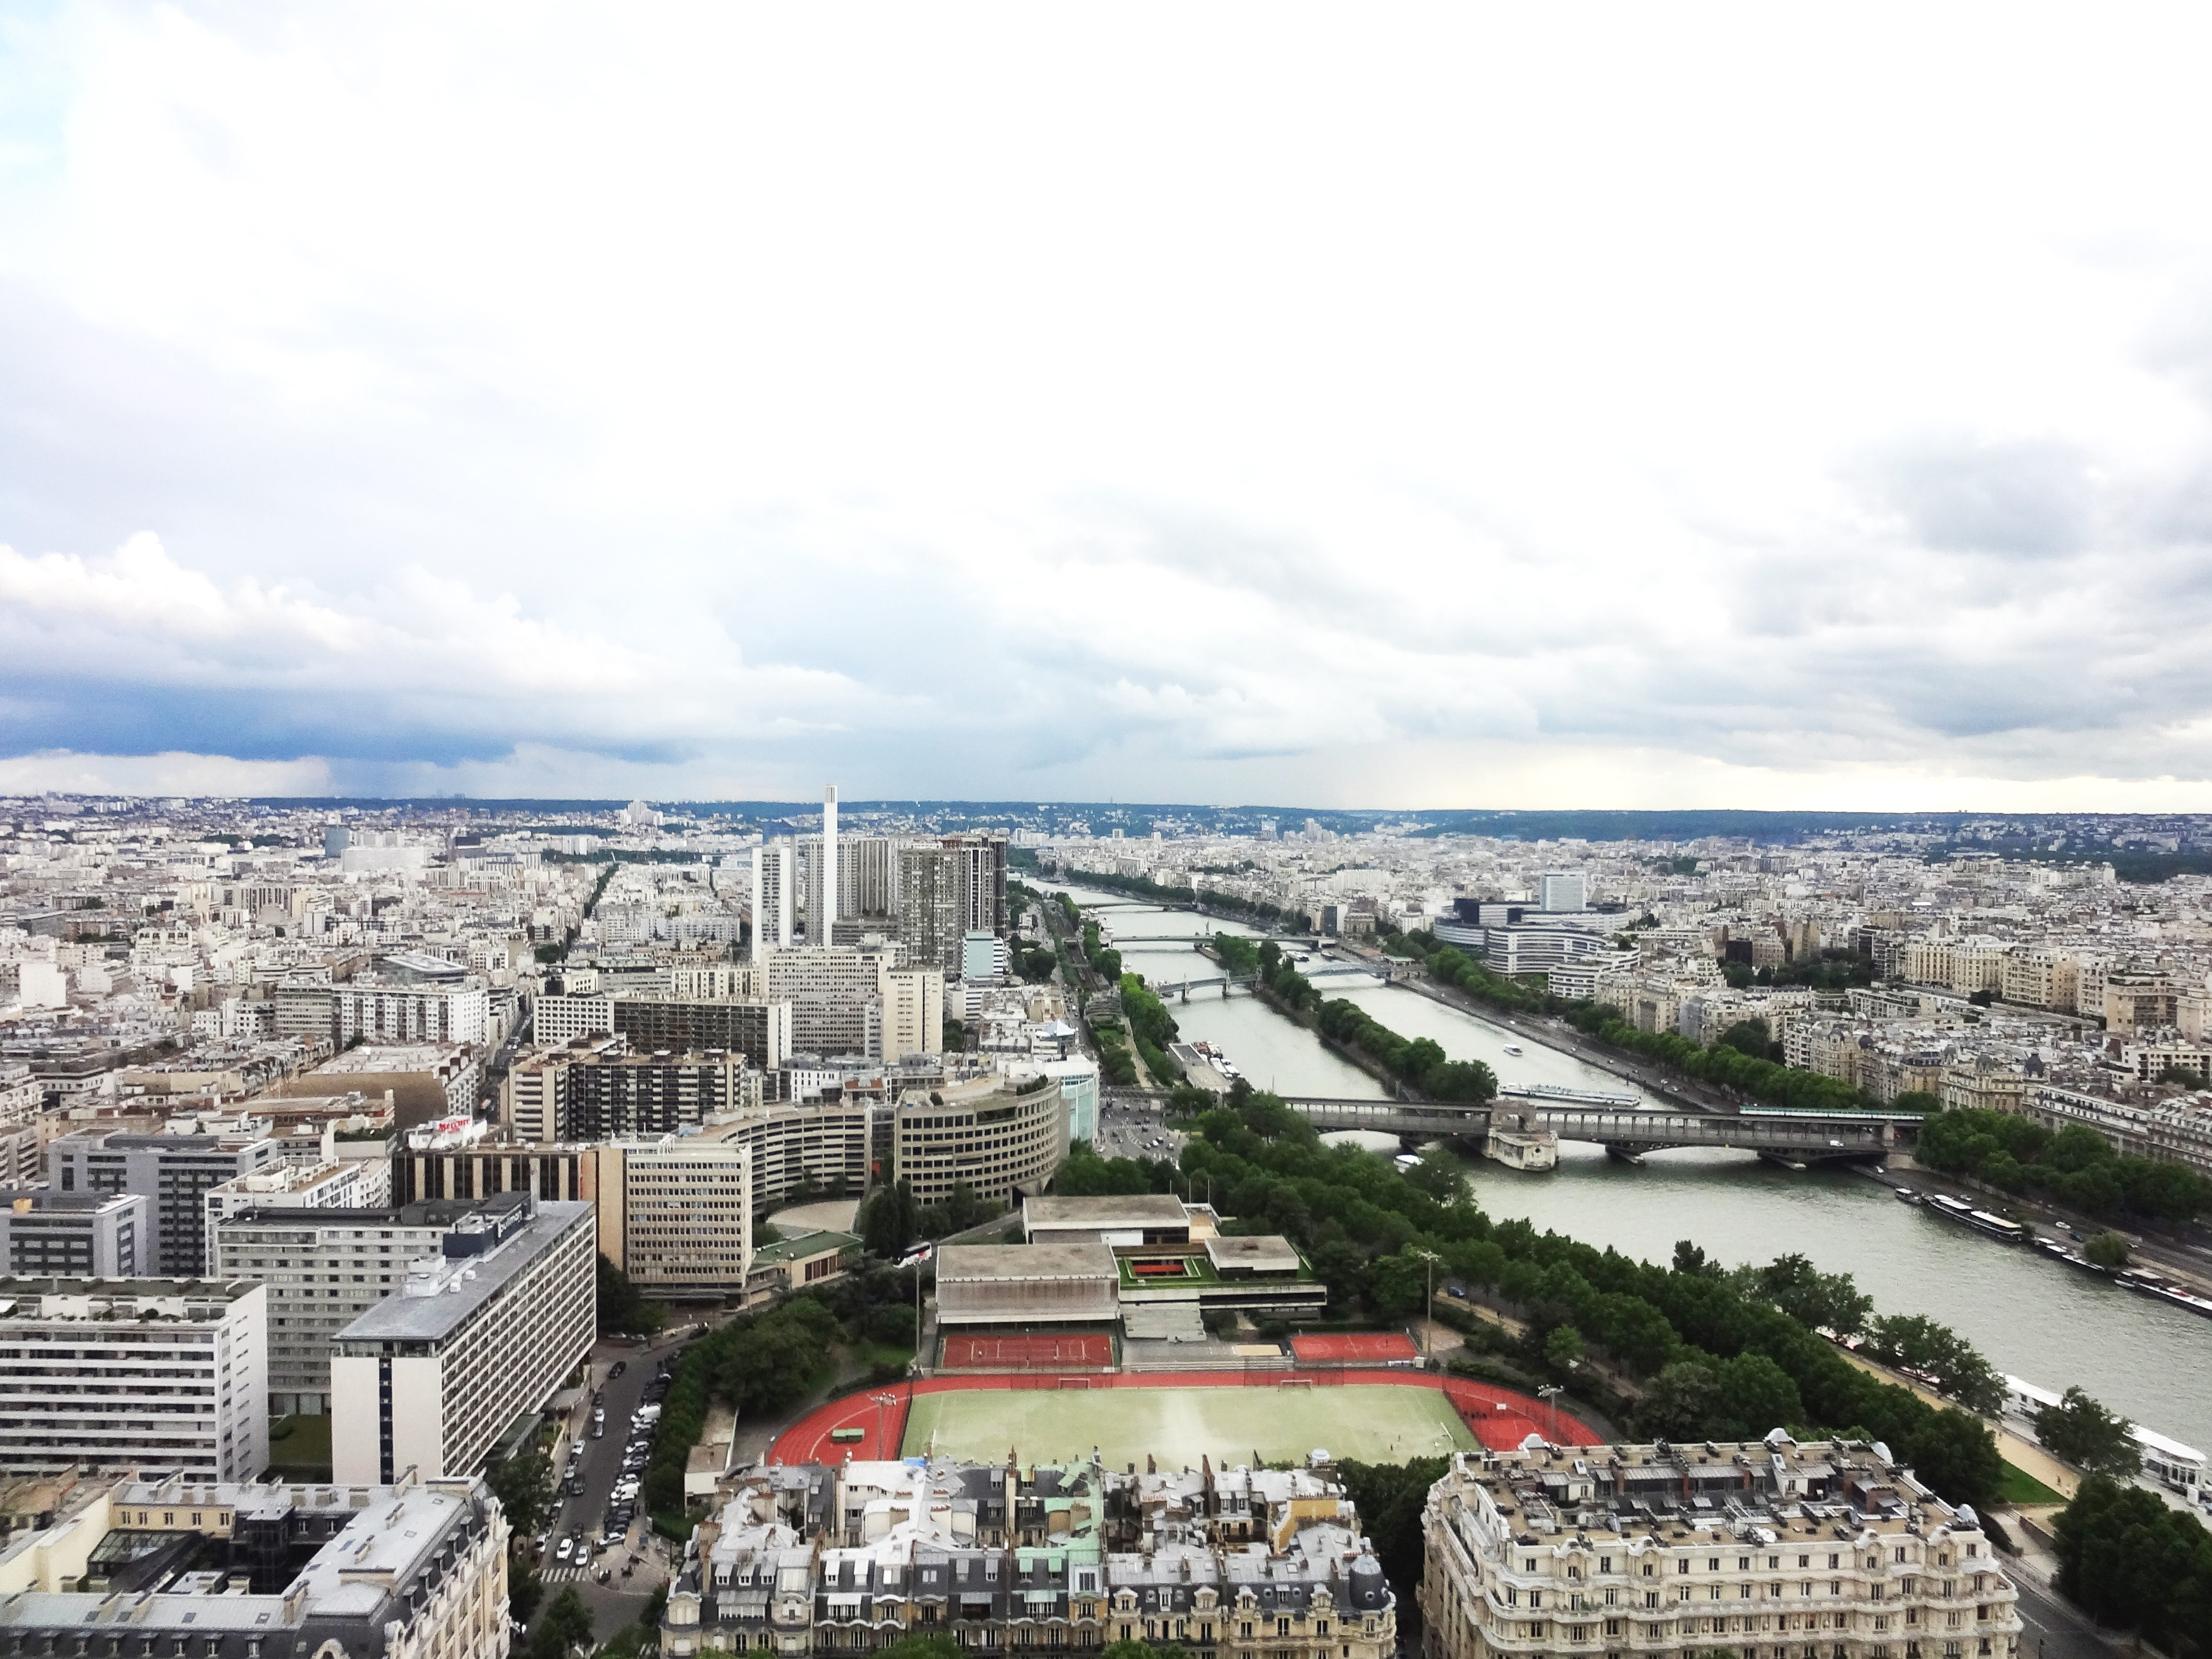 Vista panorâmica de Paris em dia nublado: muitos prédios de tamanhos variados, um rio corta a cidade e suas margens são arborizadas.